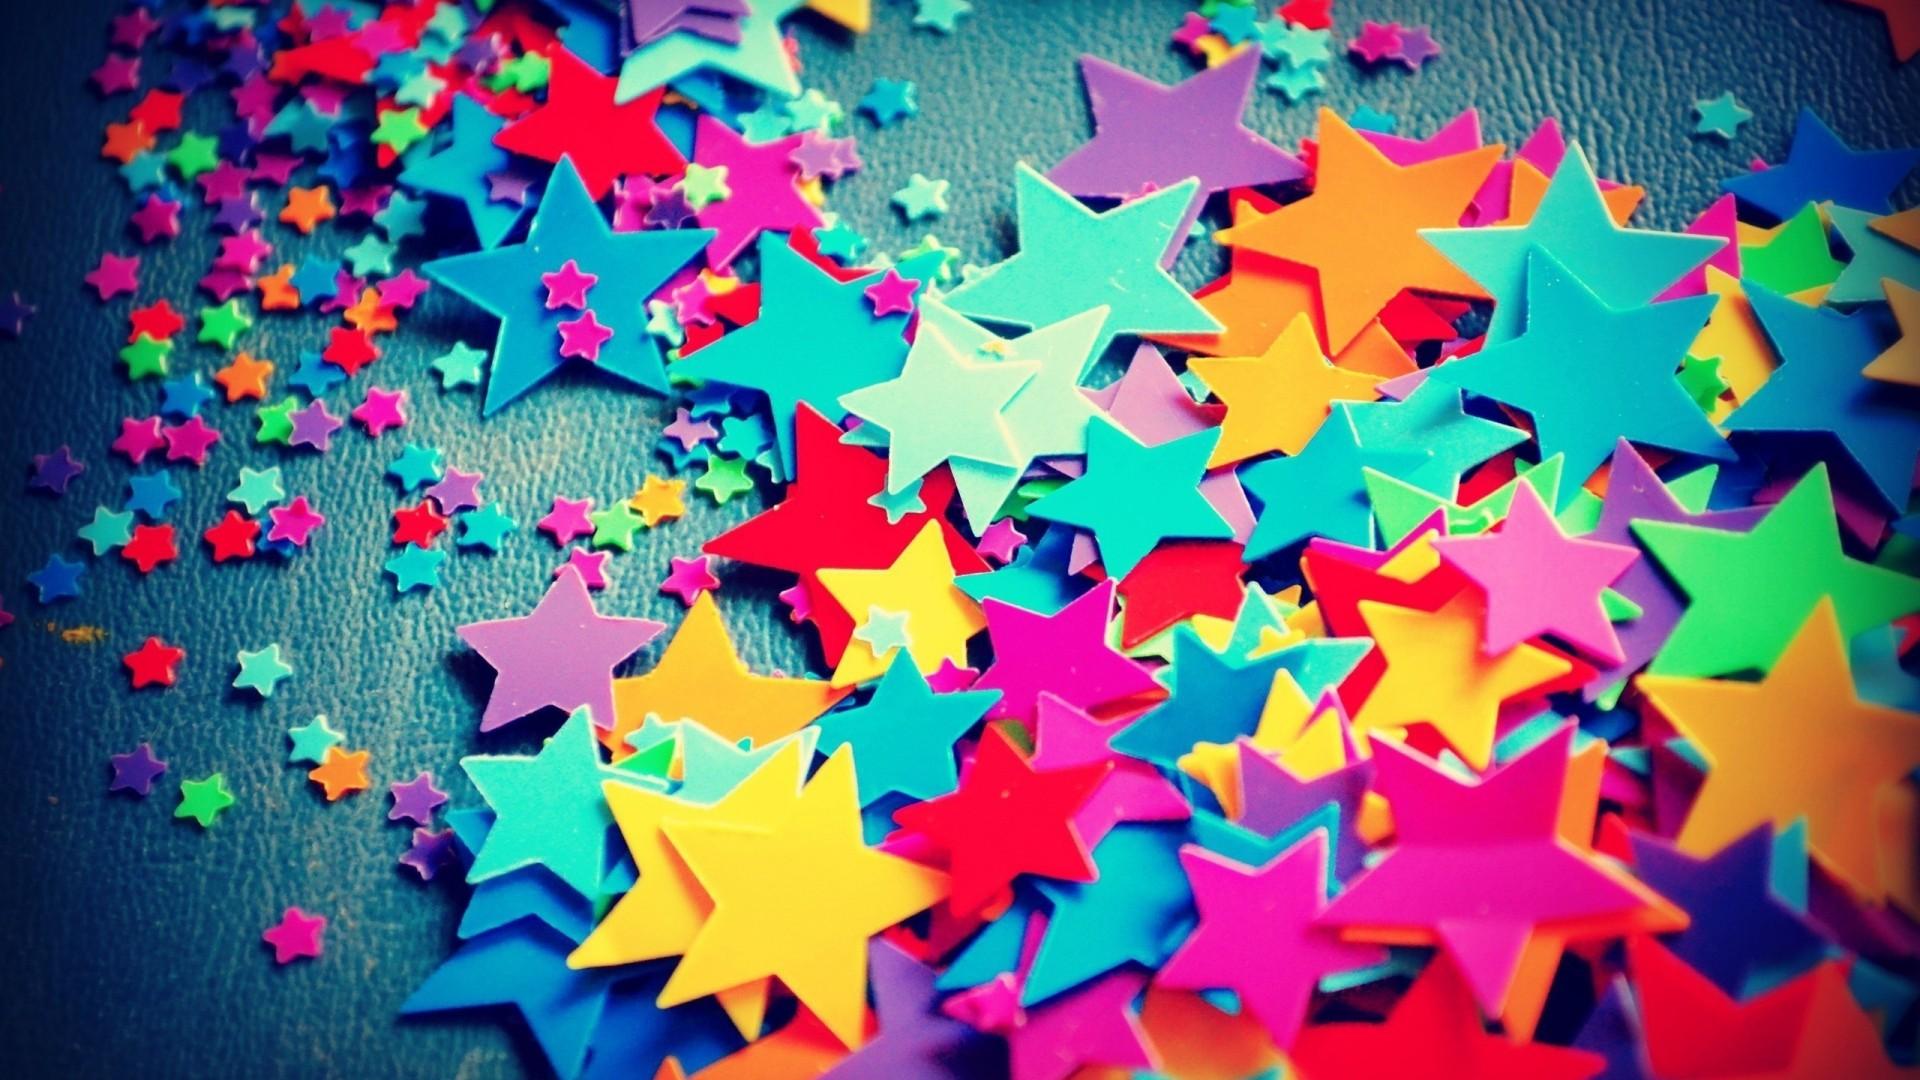 Hình nền những ngôi sao nhiều sắc màu dễ thương